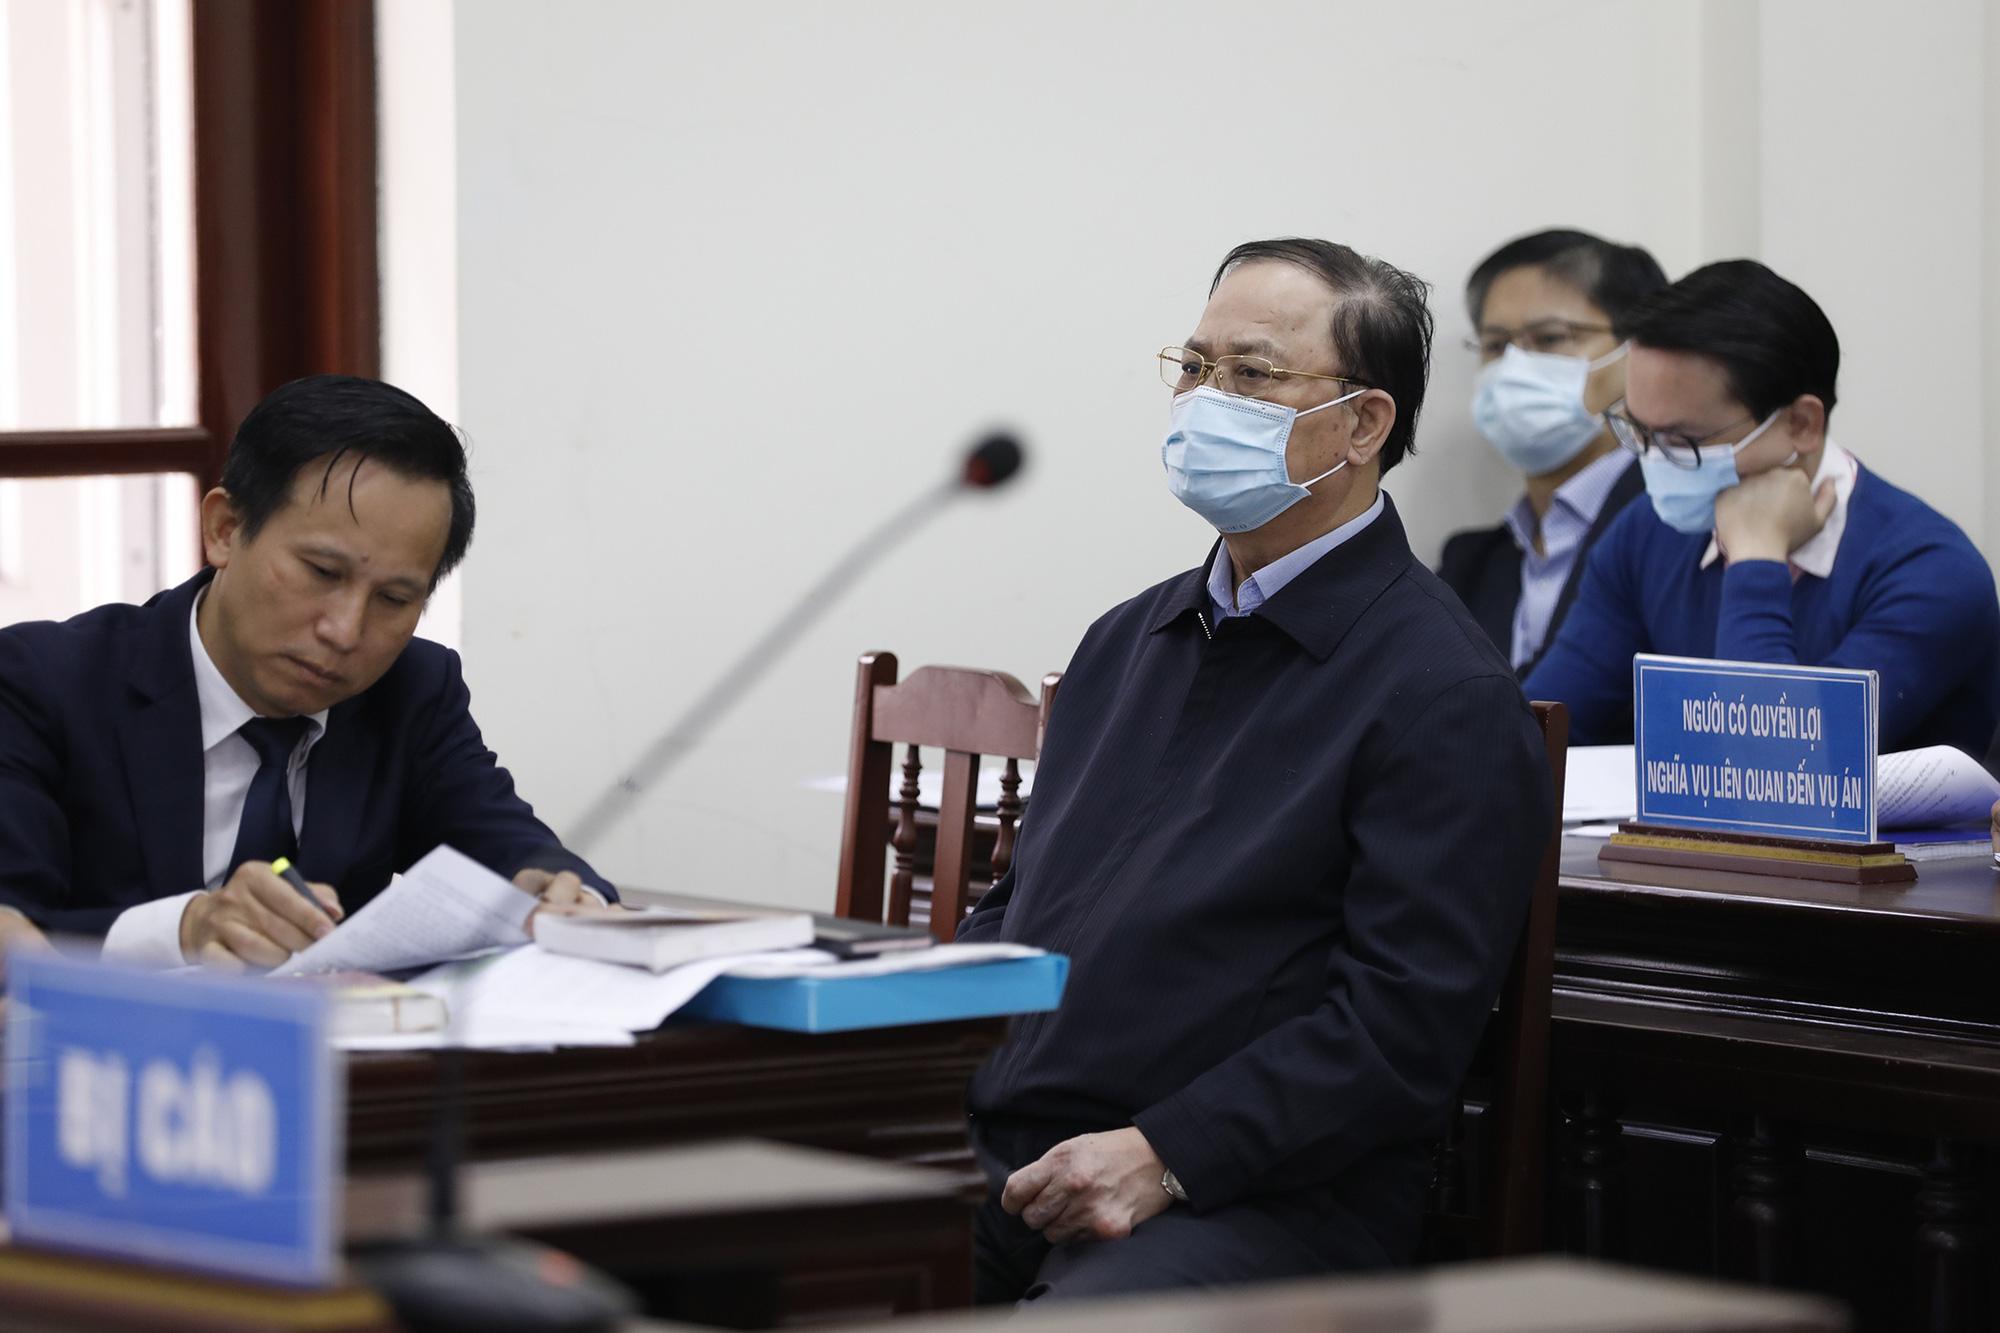 Vì sao đô đốc Nguyễn Văn Hiến xin hưởng án treo? - Ảnh 1.